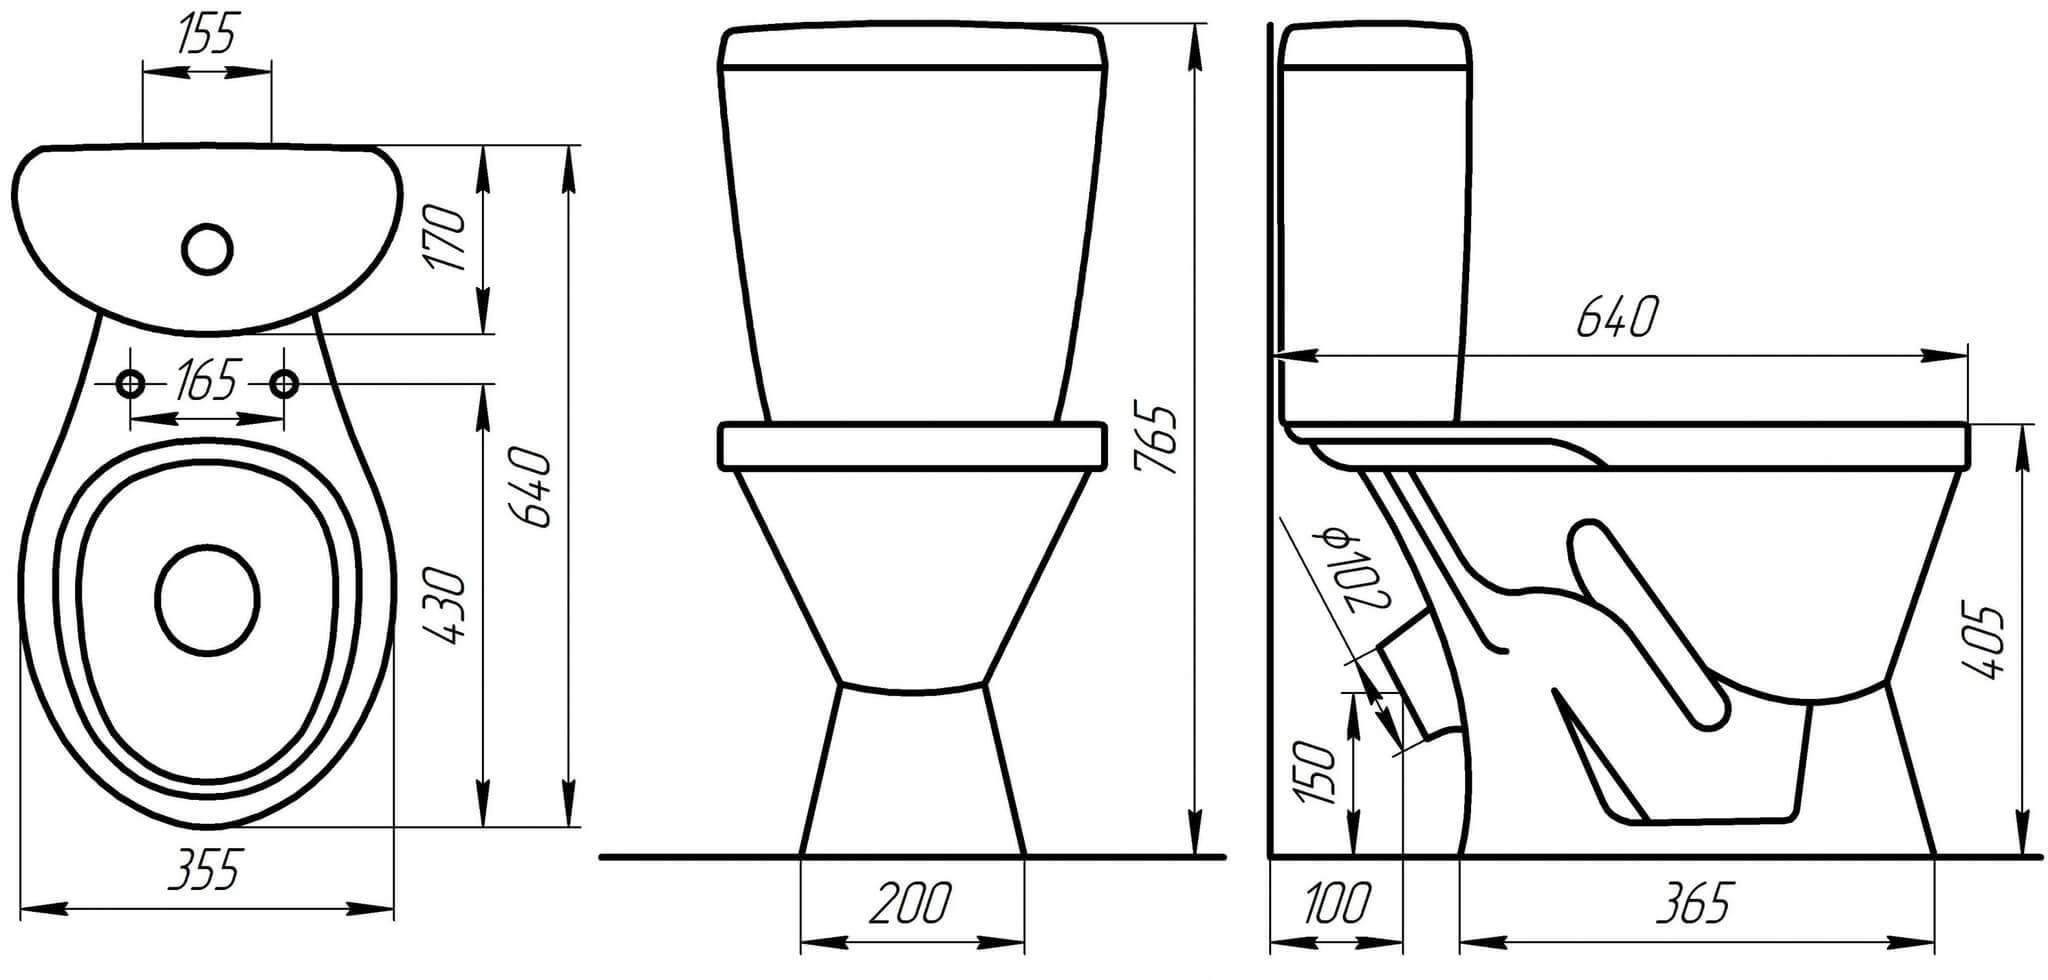 Стандартные размеры унитаза: типичные размеры и вес разных типов унитазов